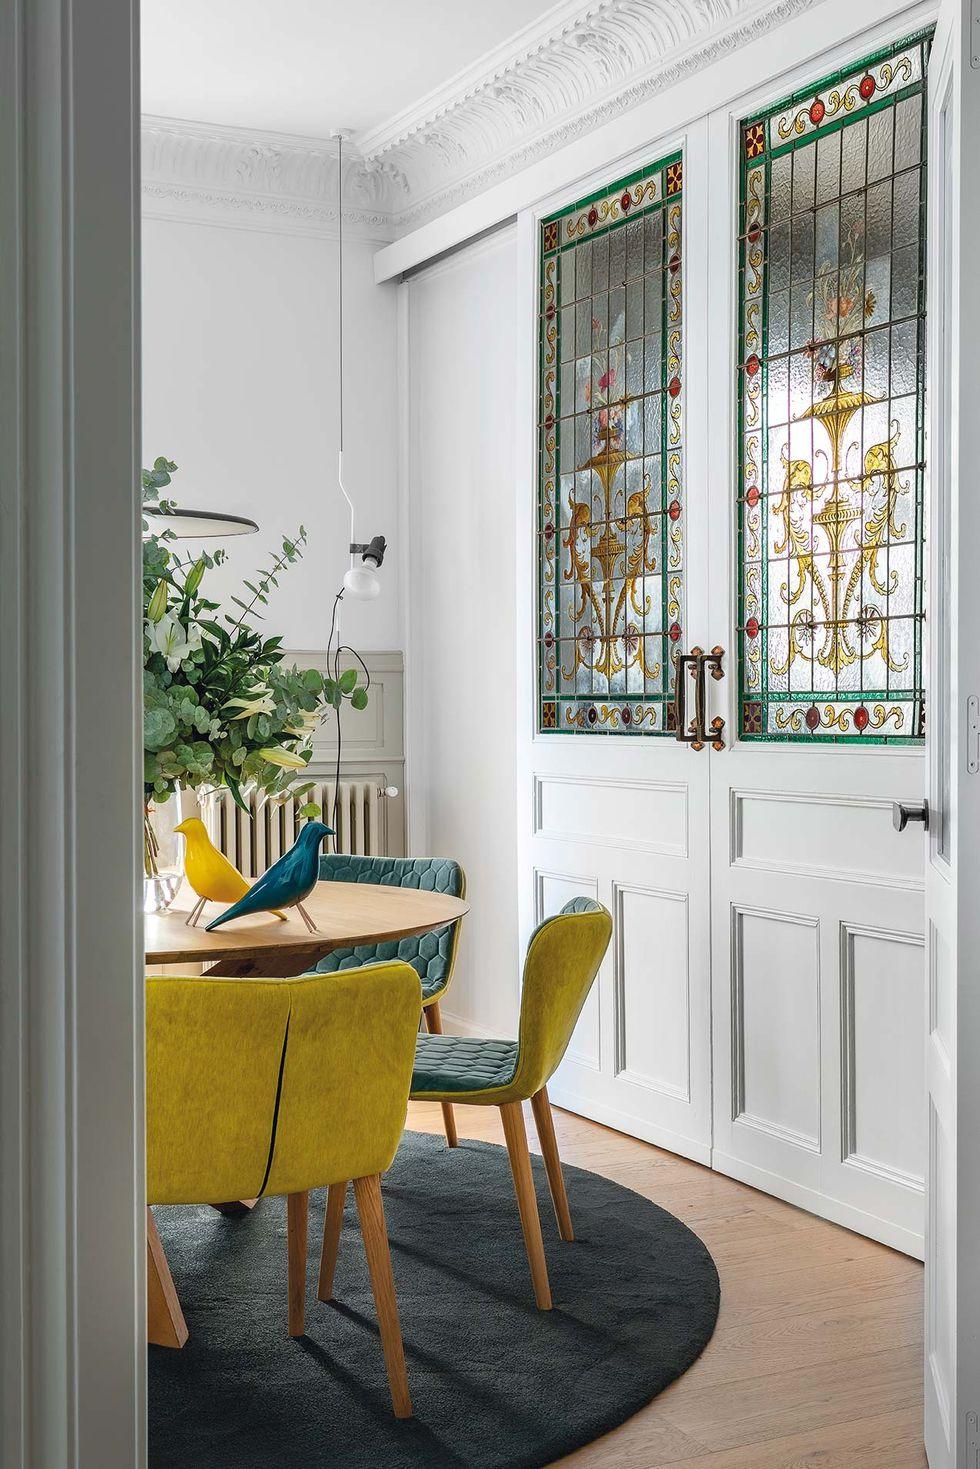 Vitralii din secolul XIX și mobilier modern într-o casă spectaculoasă din Santander 6